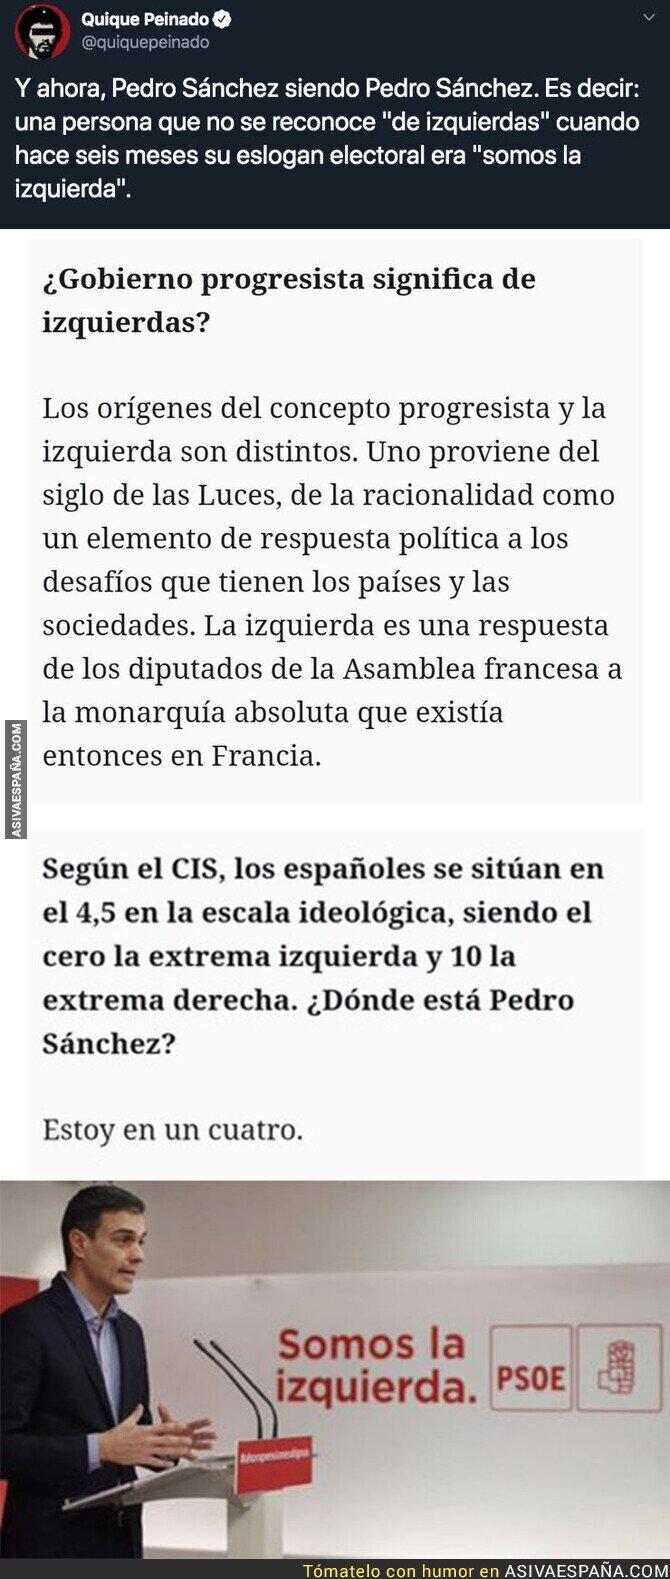 123624 - Las vueltas de ideología de Pedro Sánchez